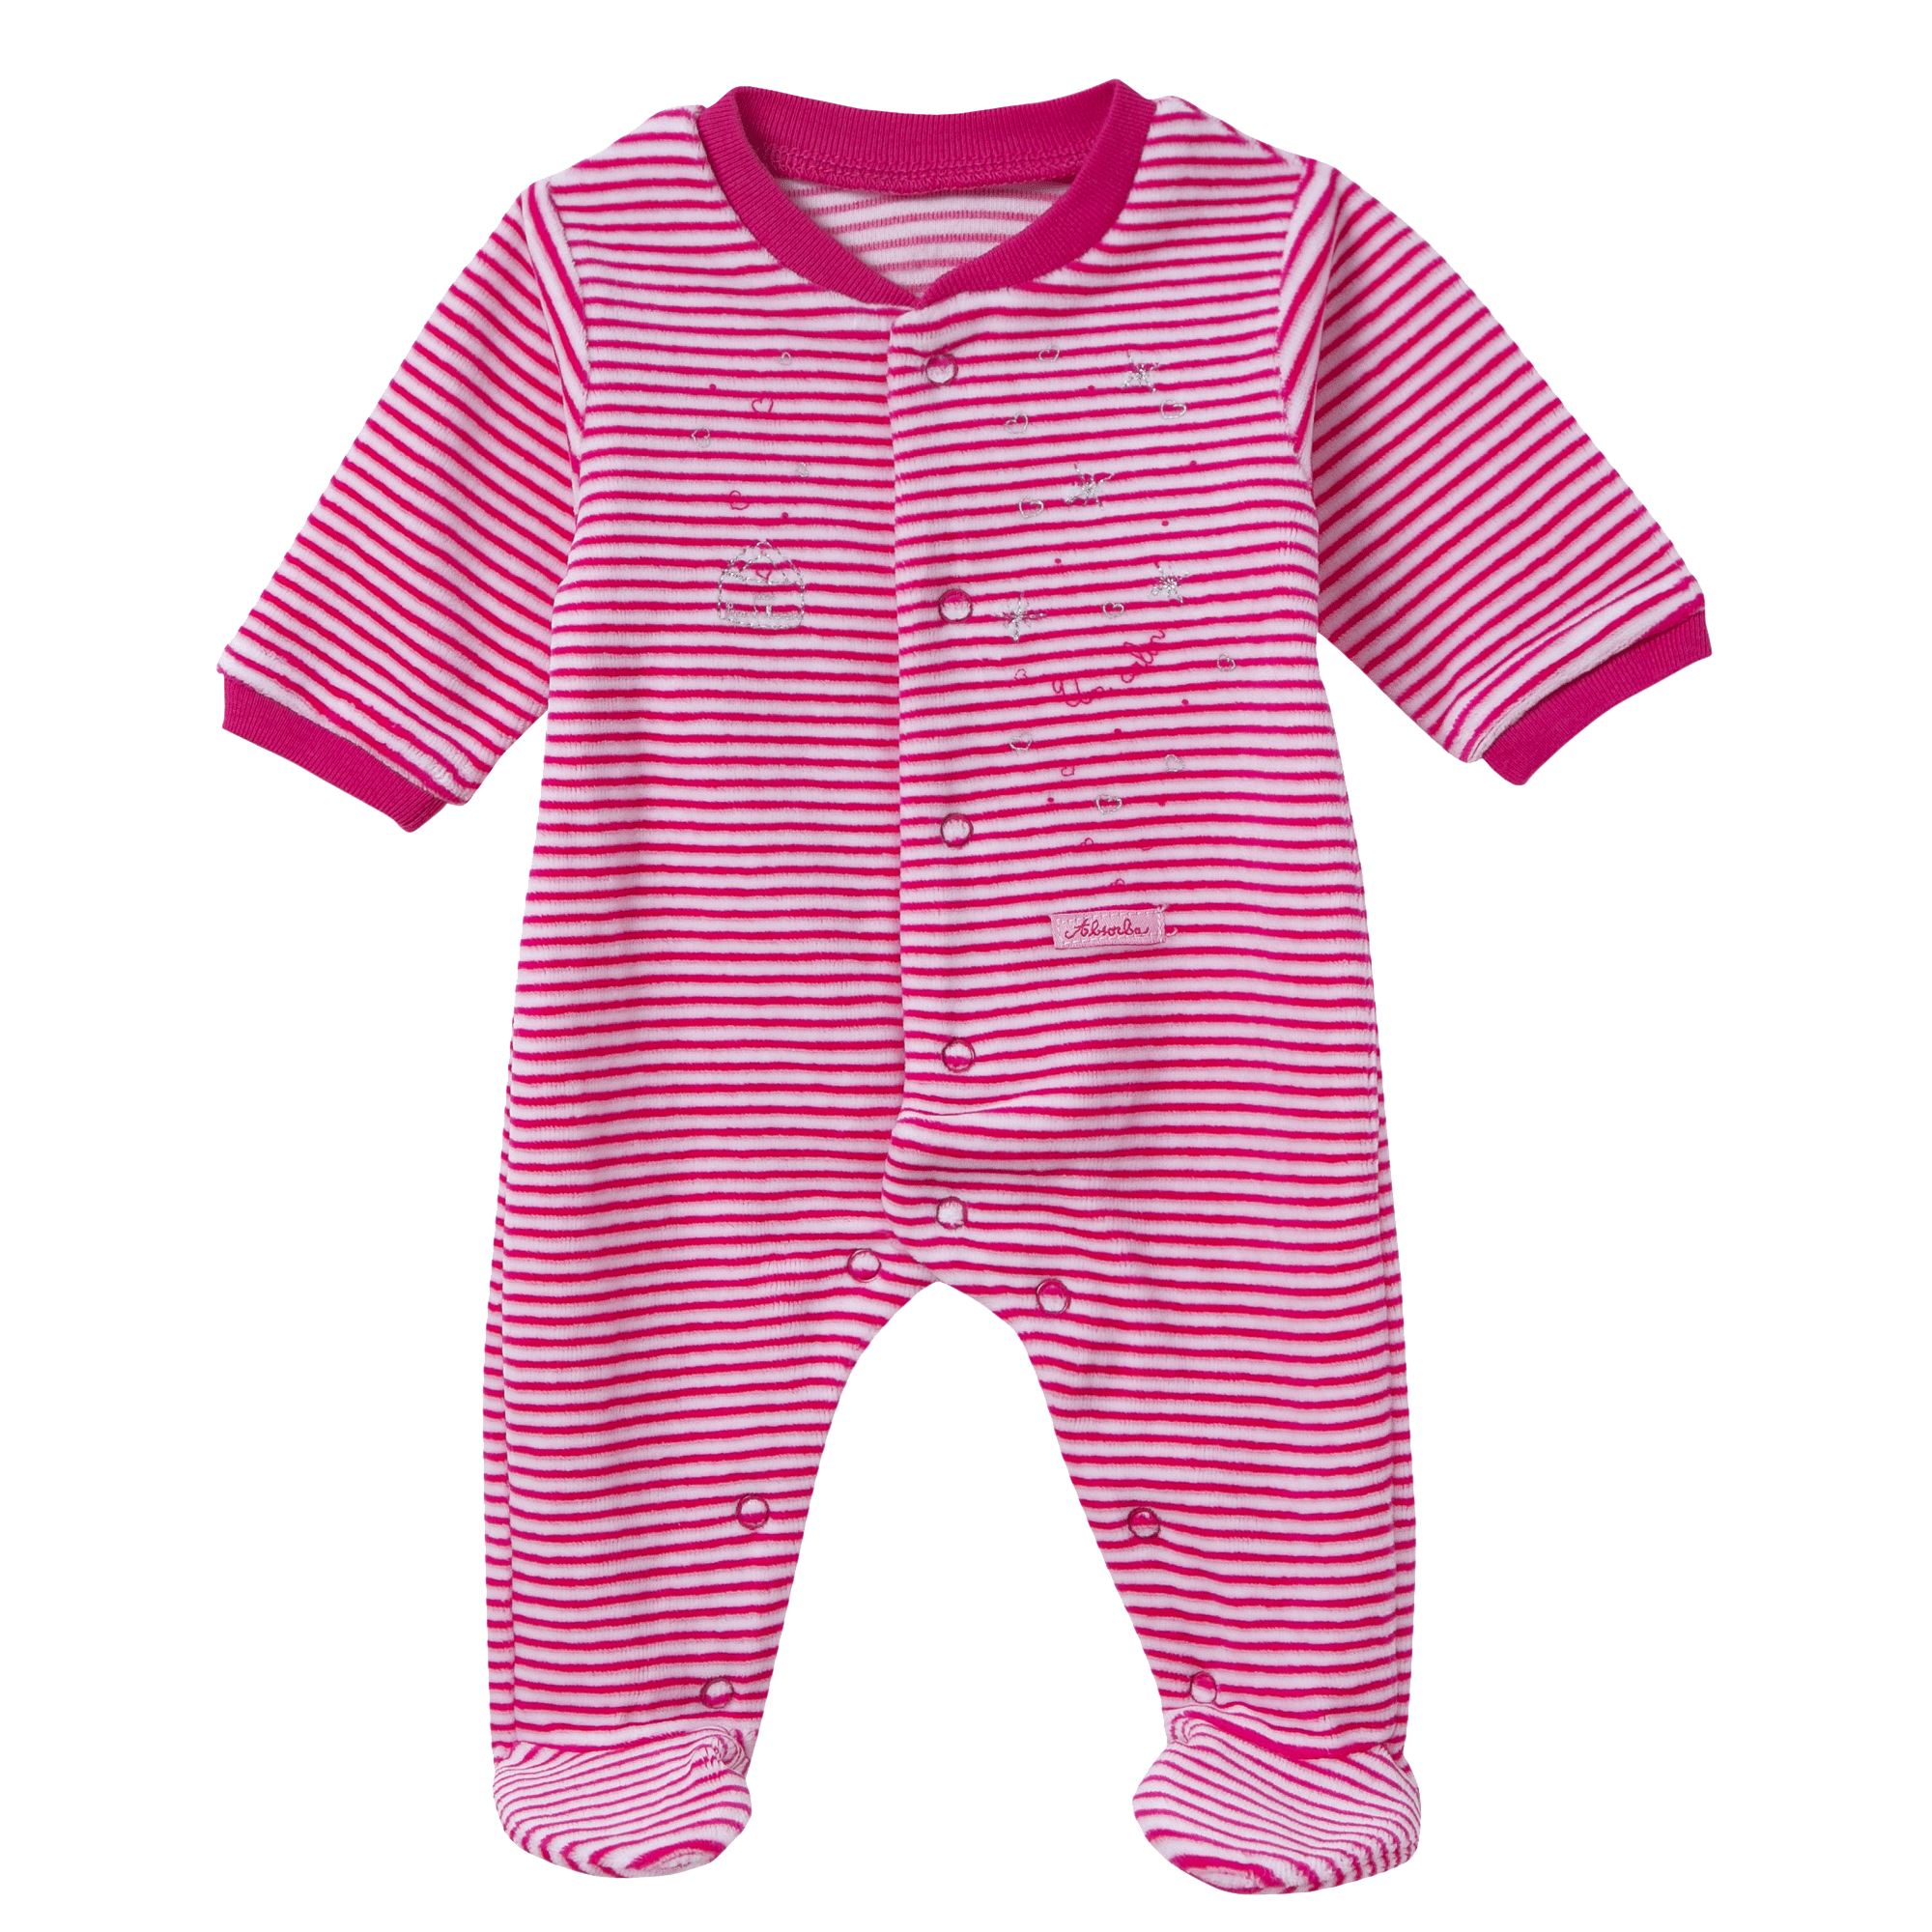 Png Pyjamas Transparent Pyjamas Png Images Pluspng